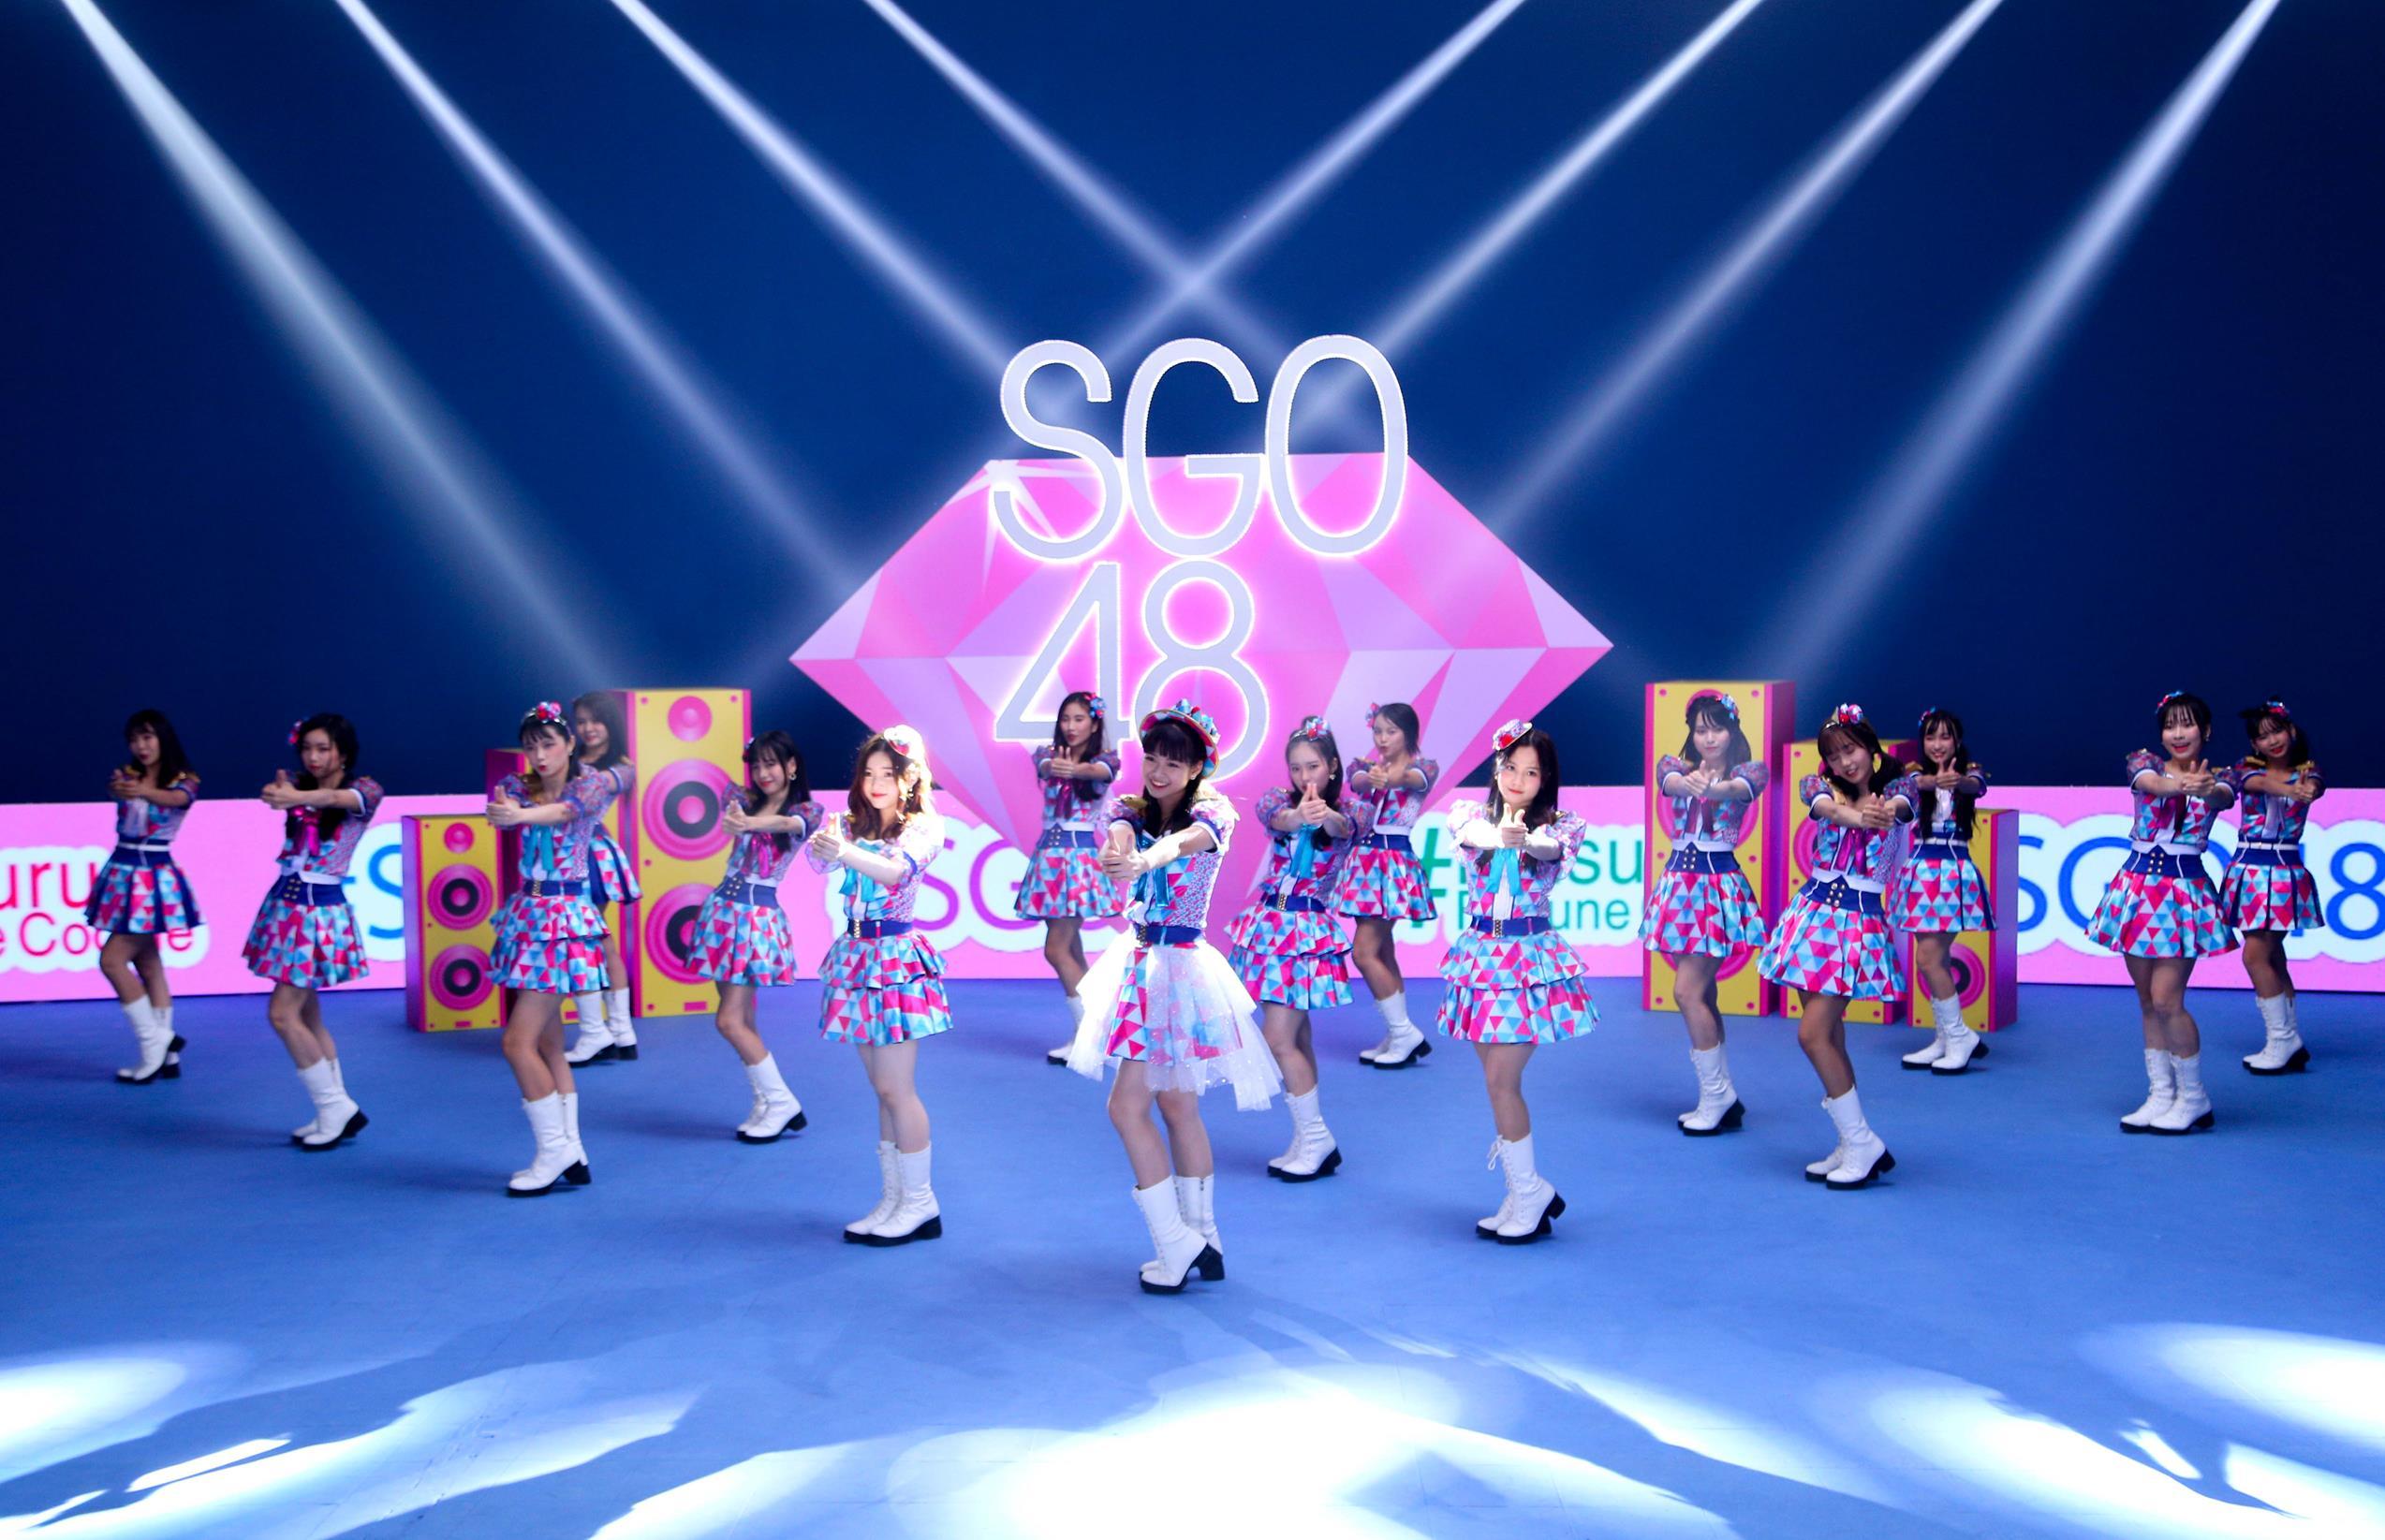 """Nhóm nhạc triệu đô SGO48 tung MV đầy màu sắc với """"vũ điệu cơm nắm"""" chinh phục khán giả Việt"""